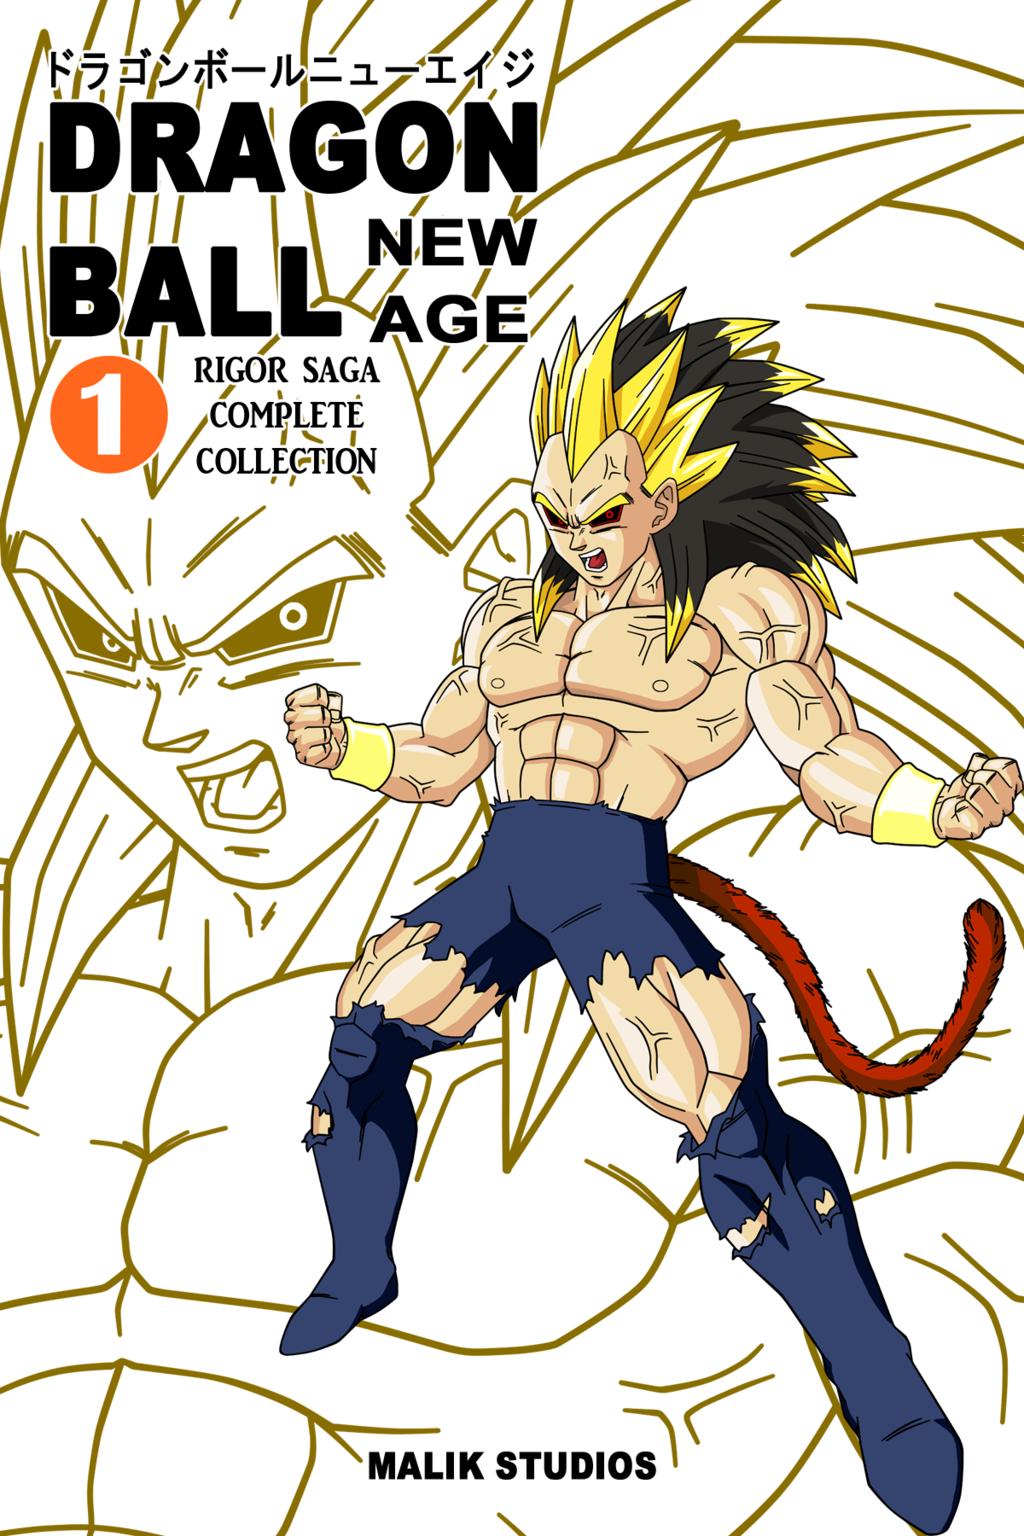 Kết quả hình ảnh cho dragon ball new age rigor